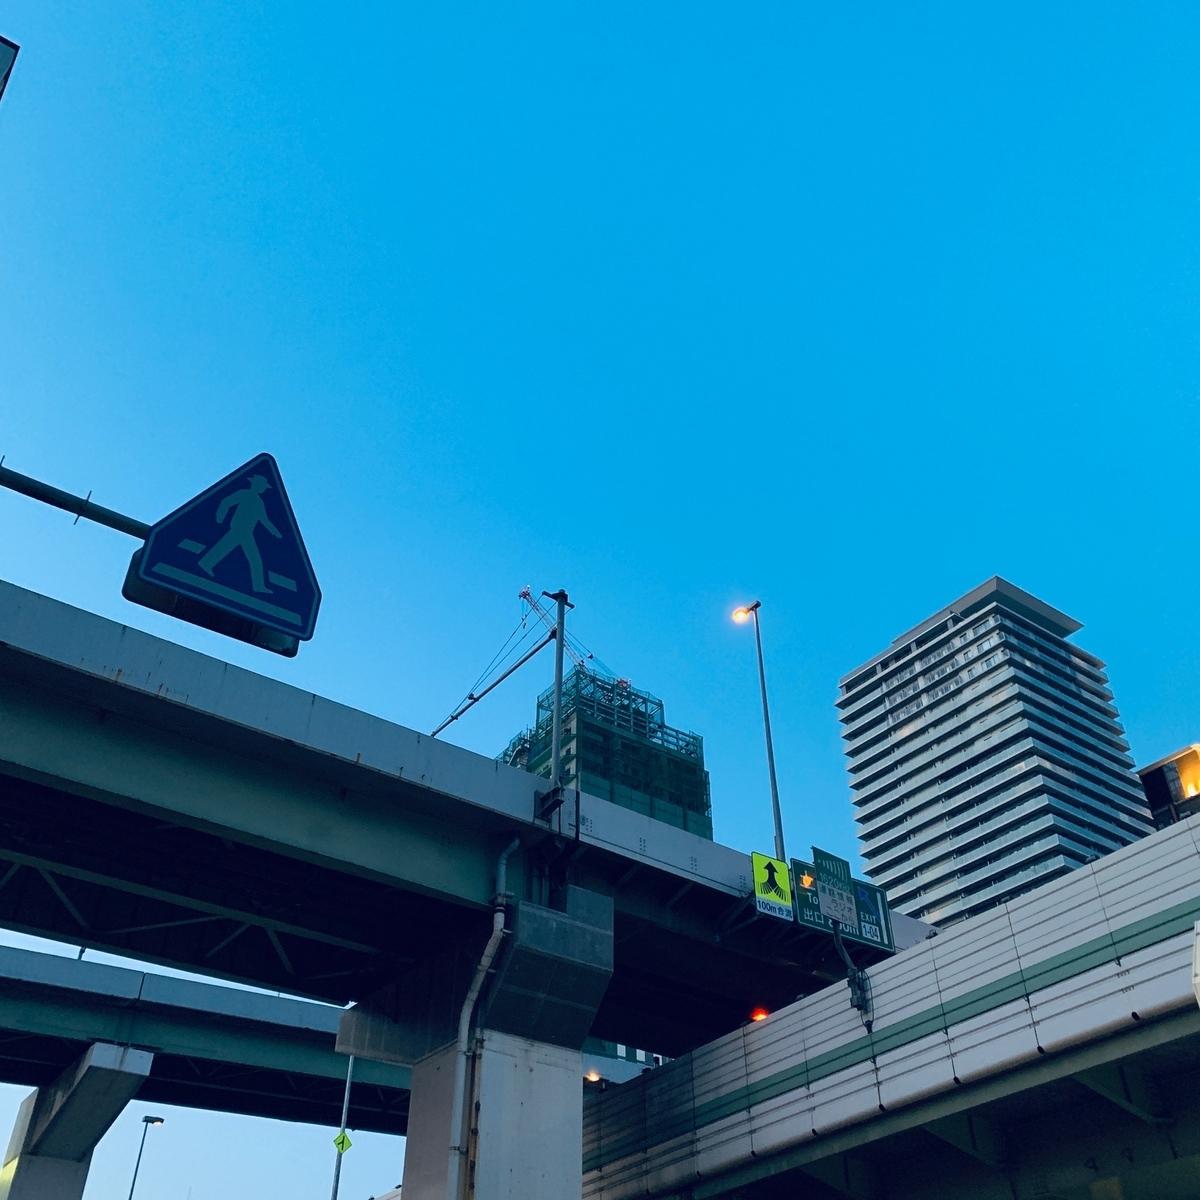 f:id:ShotaMaeda:20200430190016j:plain